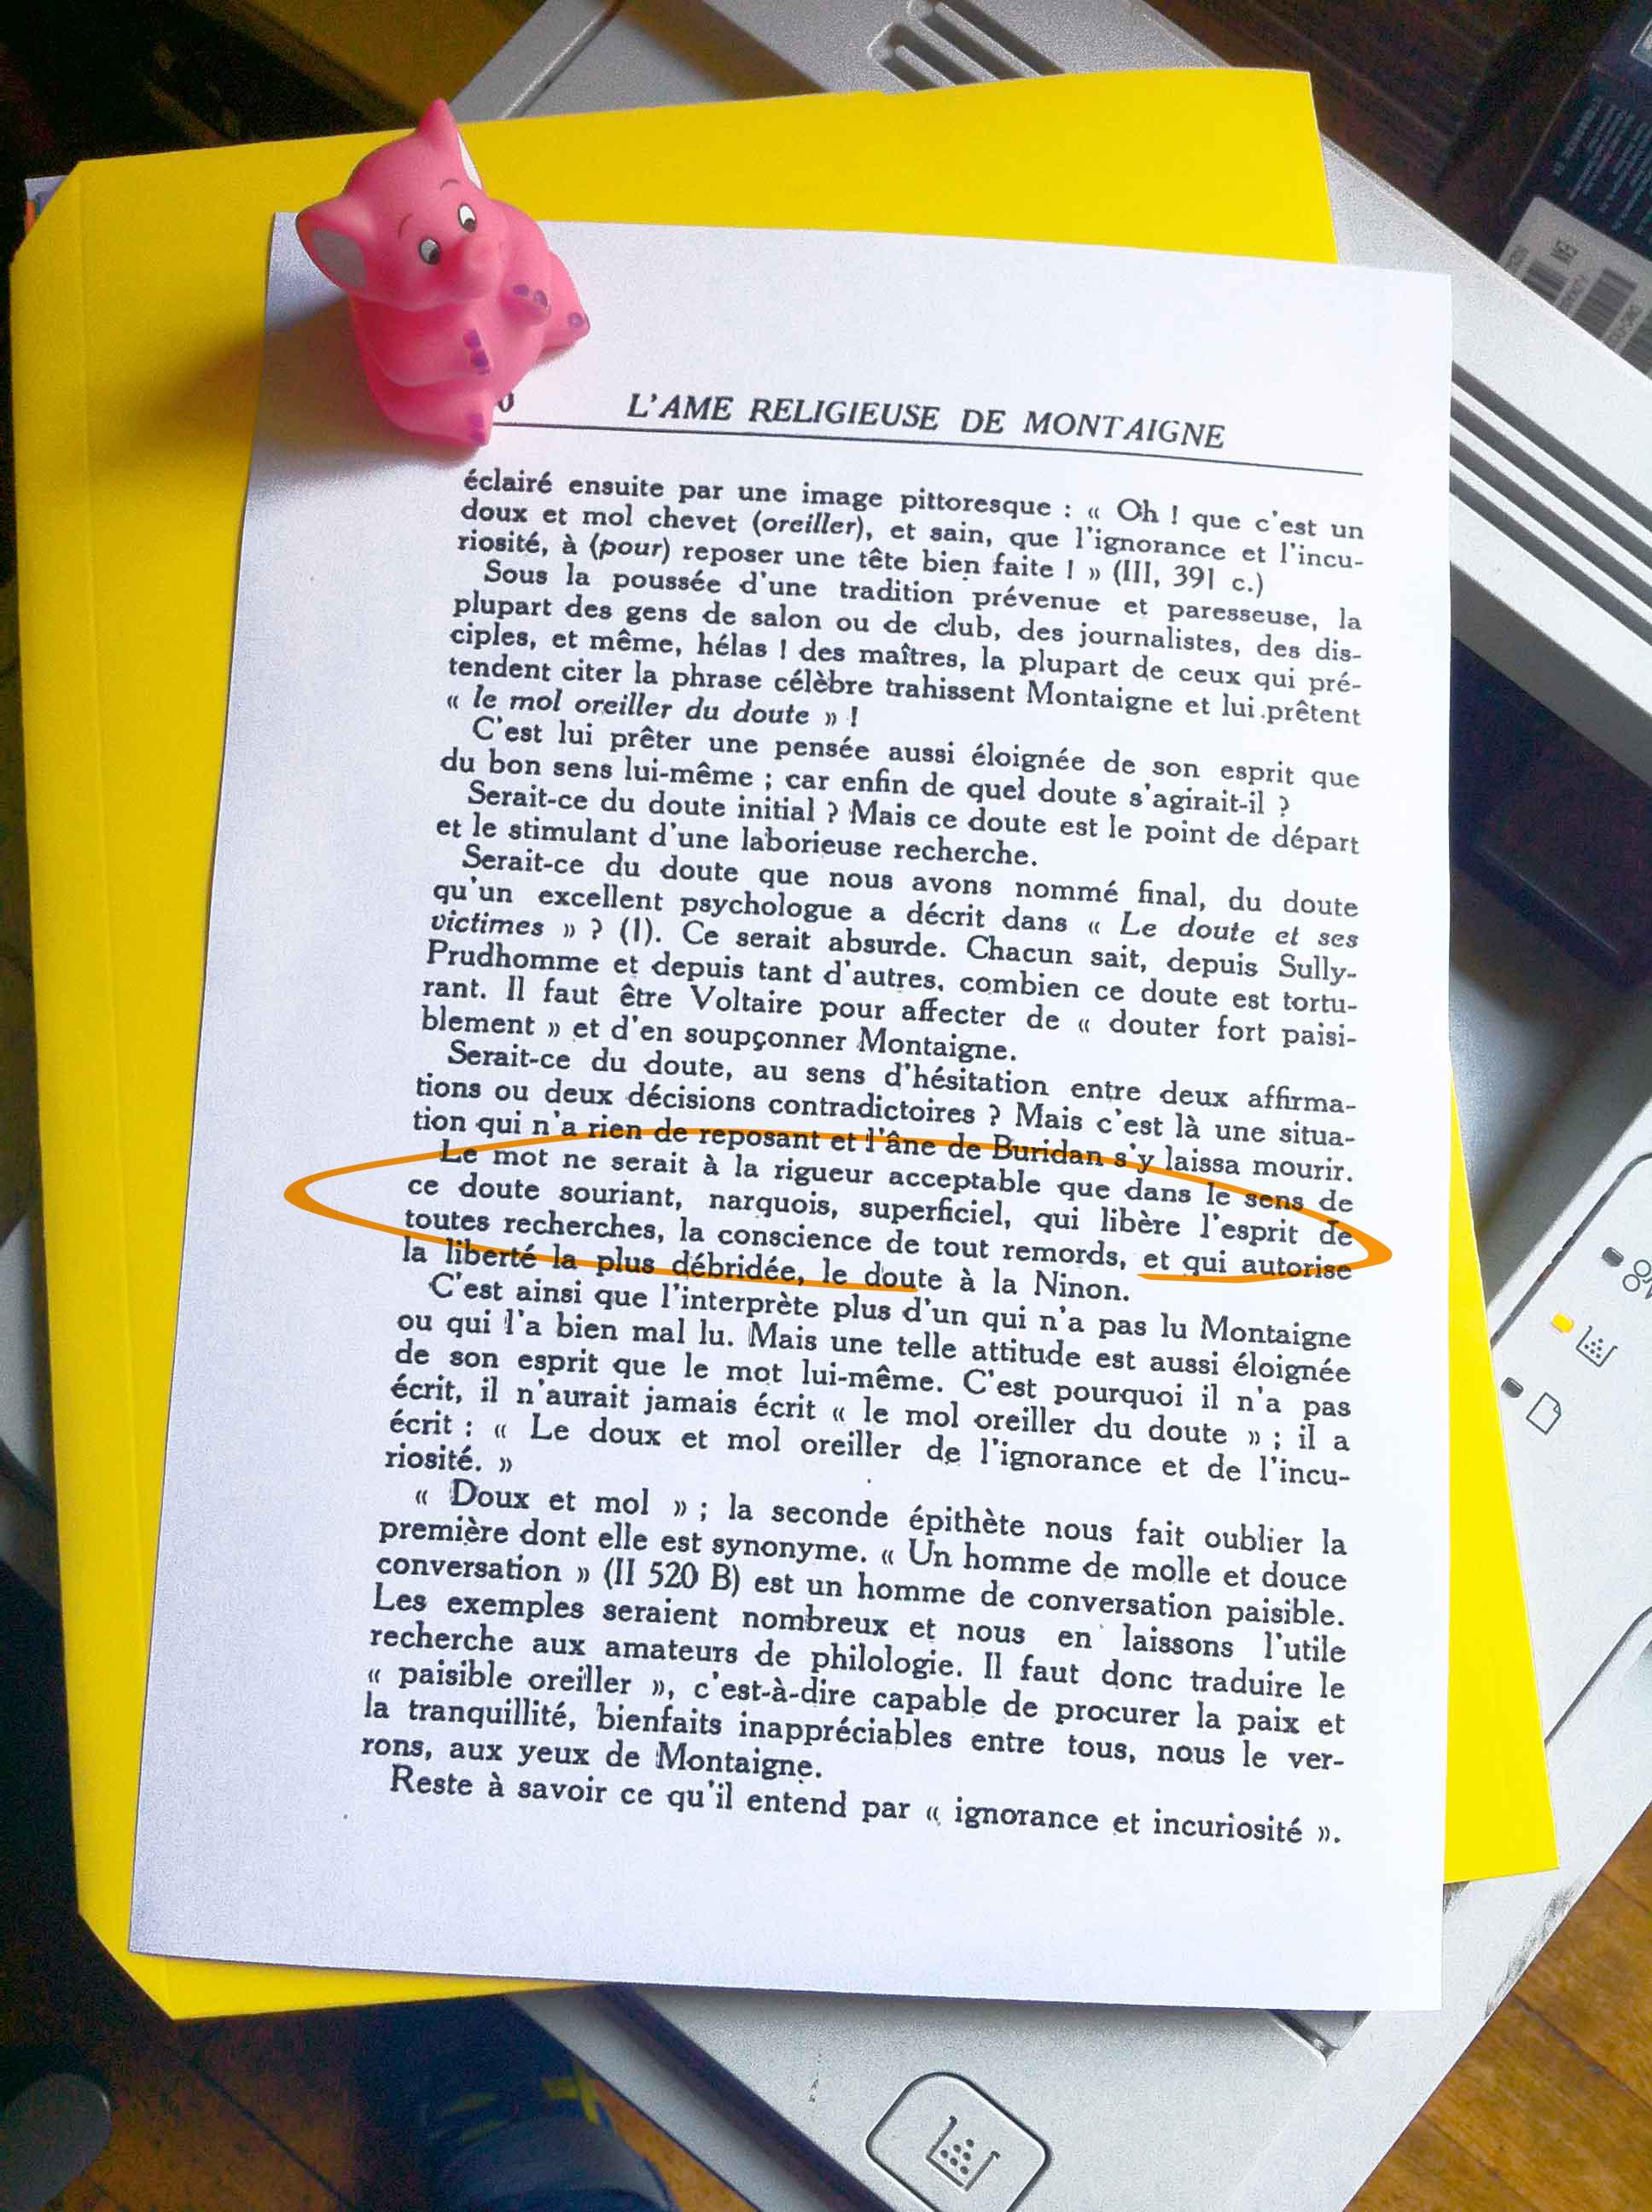 Clément Sclafert,  L'âme religieuse de Montaigne, Paris,Nouvelles Éditions Latines,  1951, p. 110.